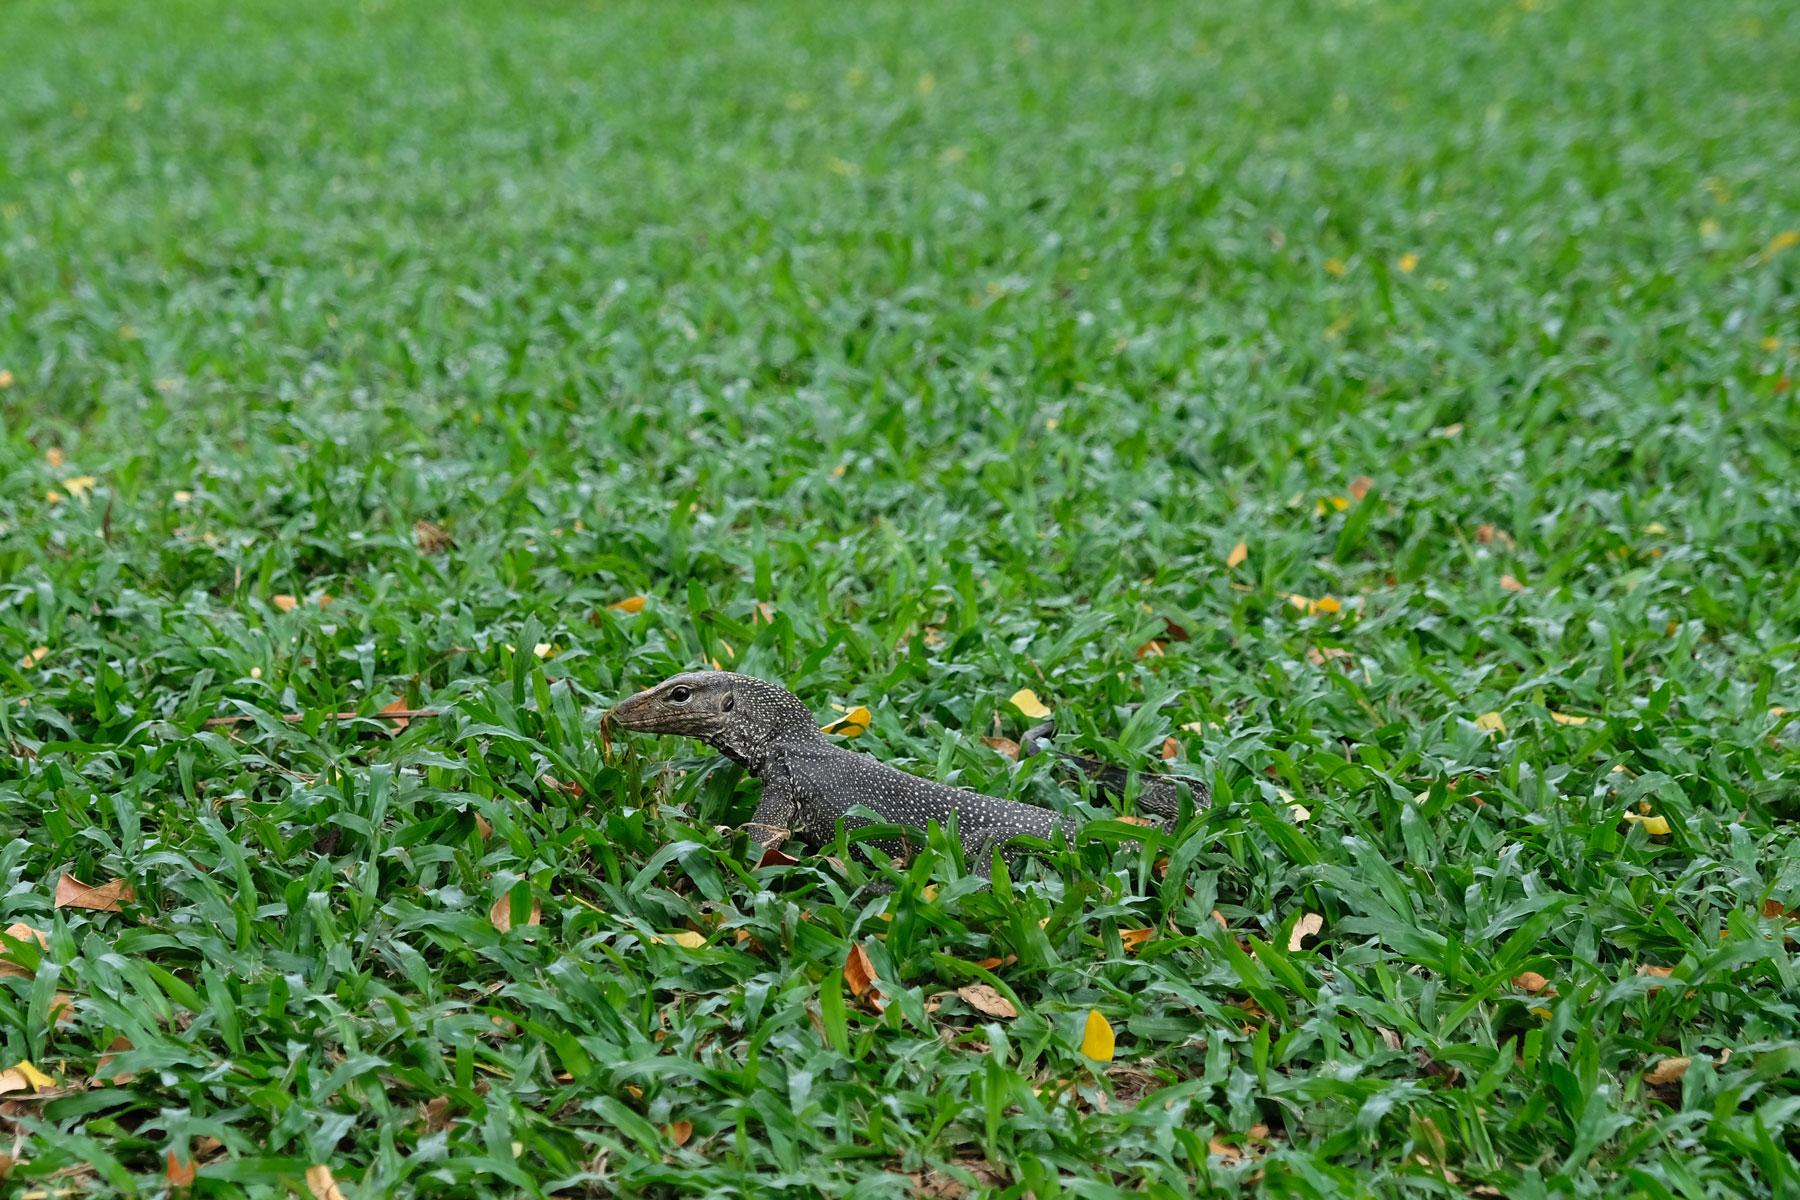 Ein Leguan im Gras im botanischen Garten in Singapur.